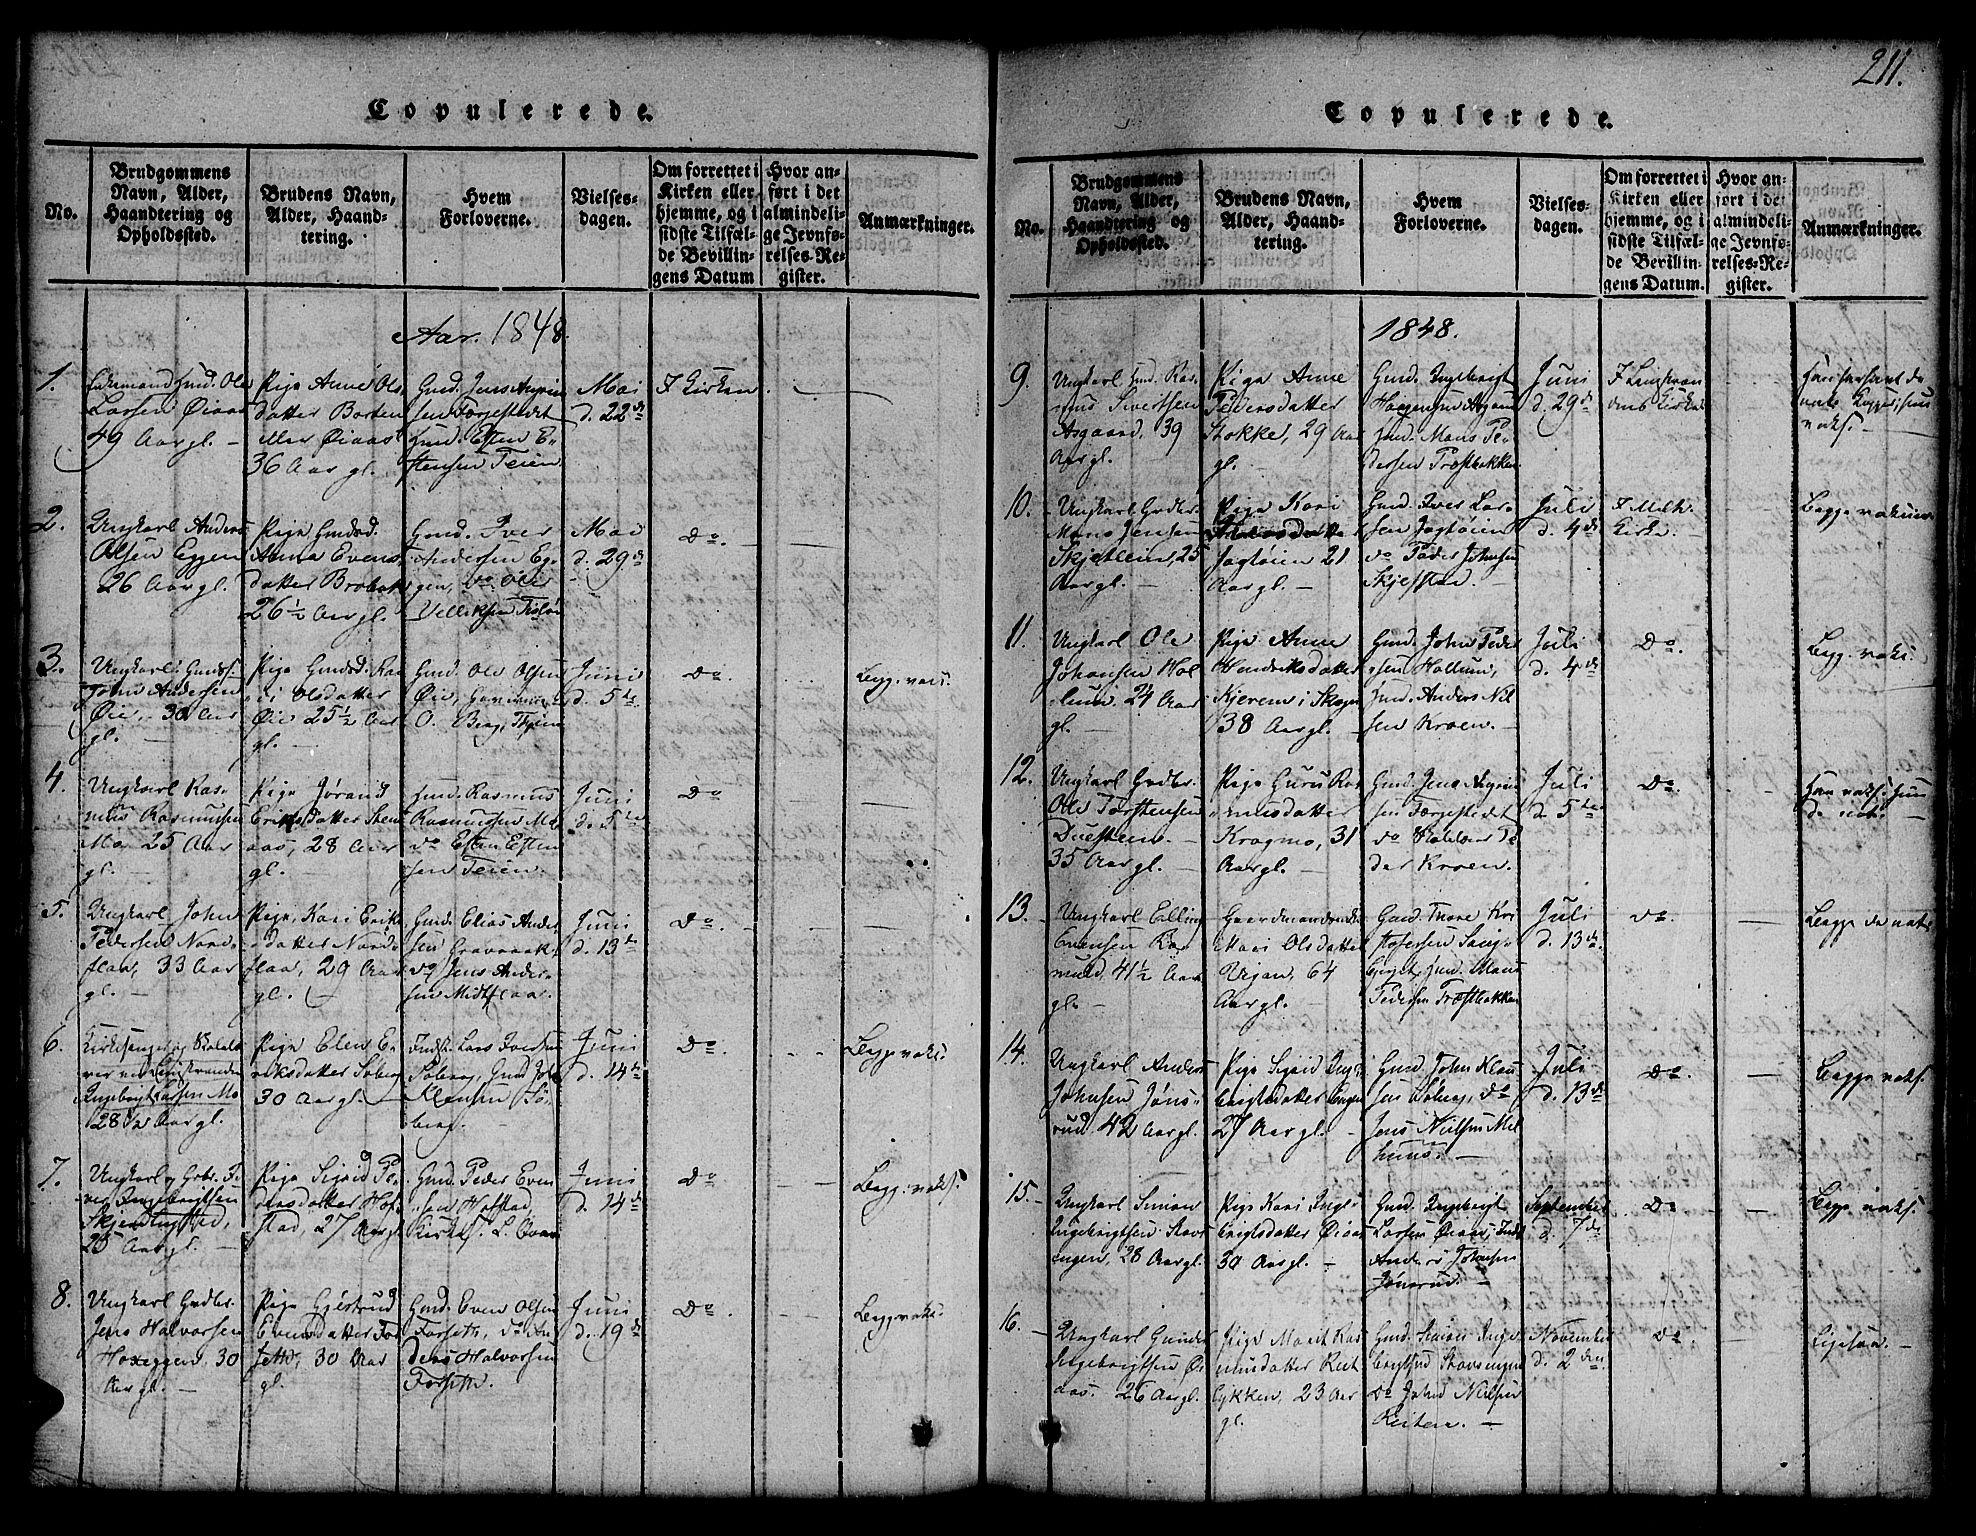 SAT, Ministerialprotokoller, klokkerbøker og fødselsregistre - Sør-Trøndelag, 691/L1092: Klokkerbok nr. 691C03, 1816-1852, s. 211